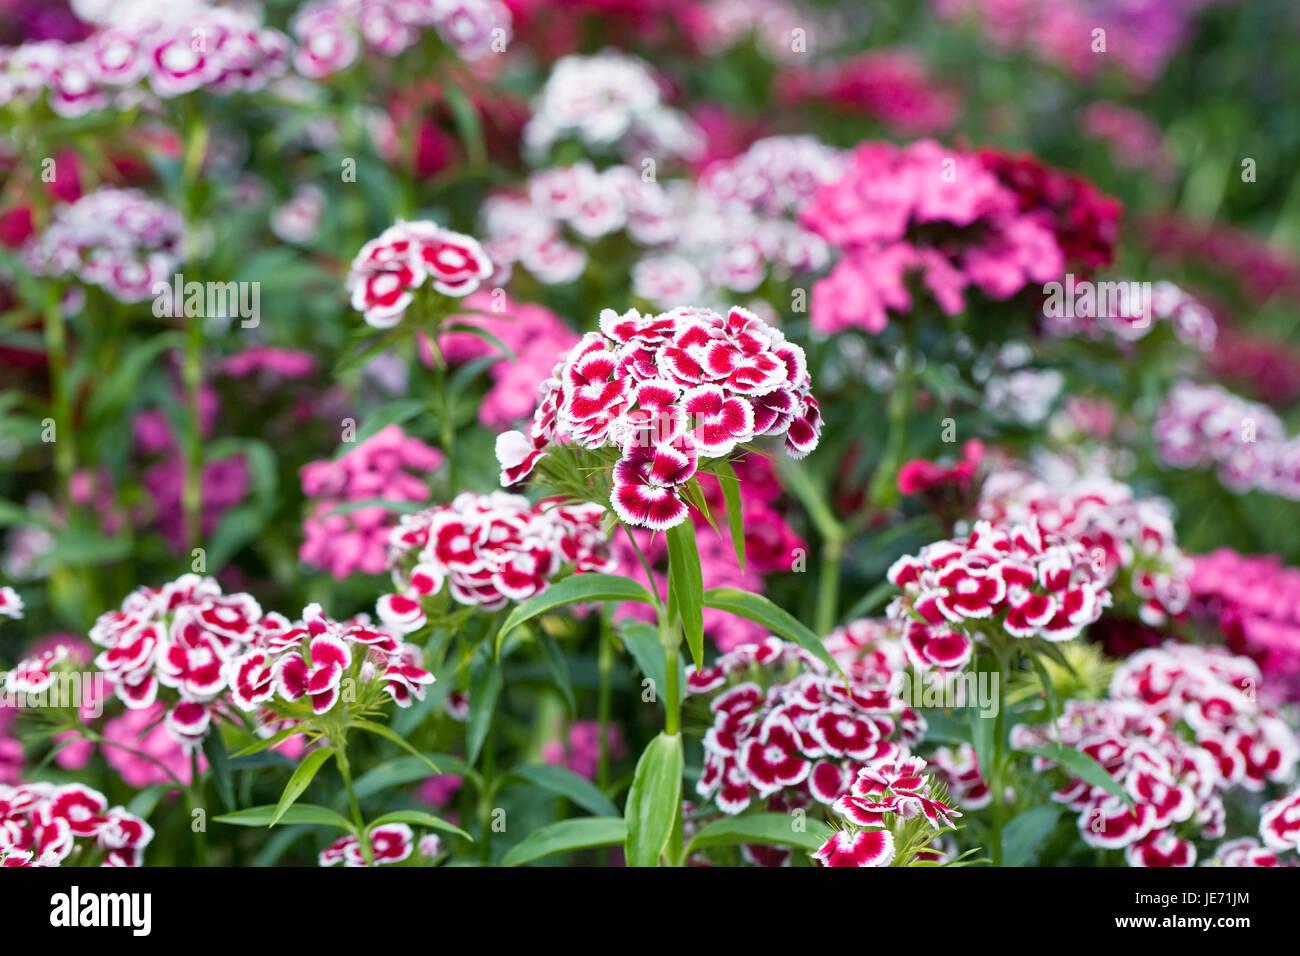 Dianthus barbatus. Sweet William flowers in Spring. - Stock Image